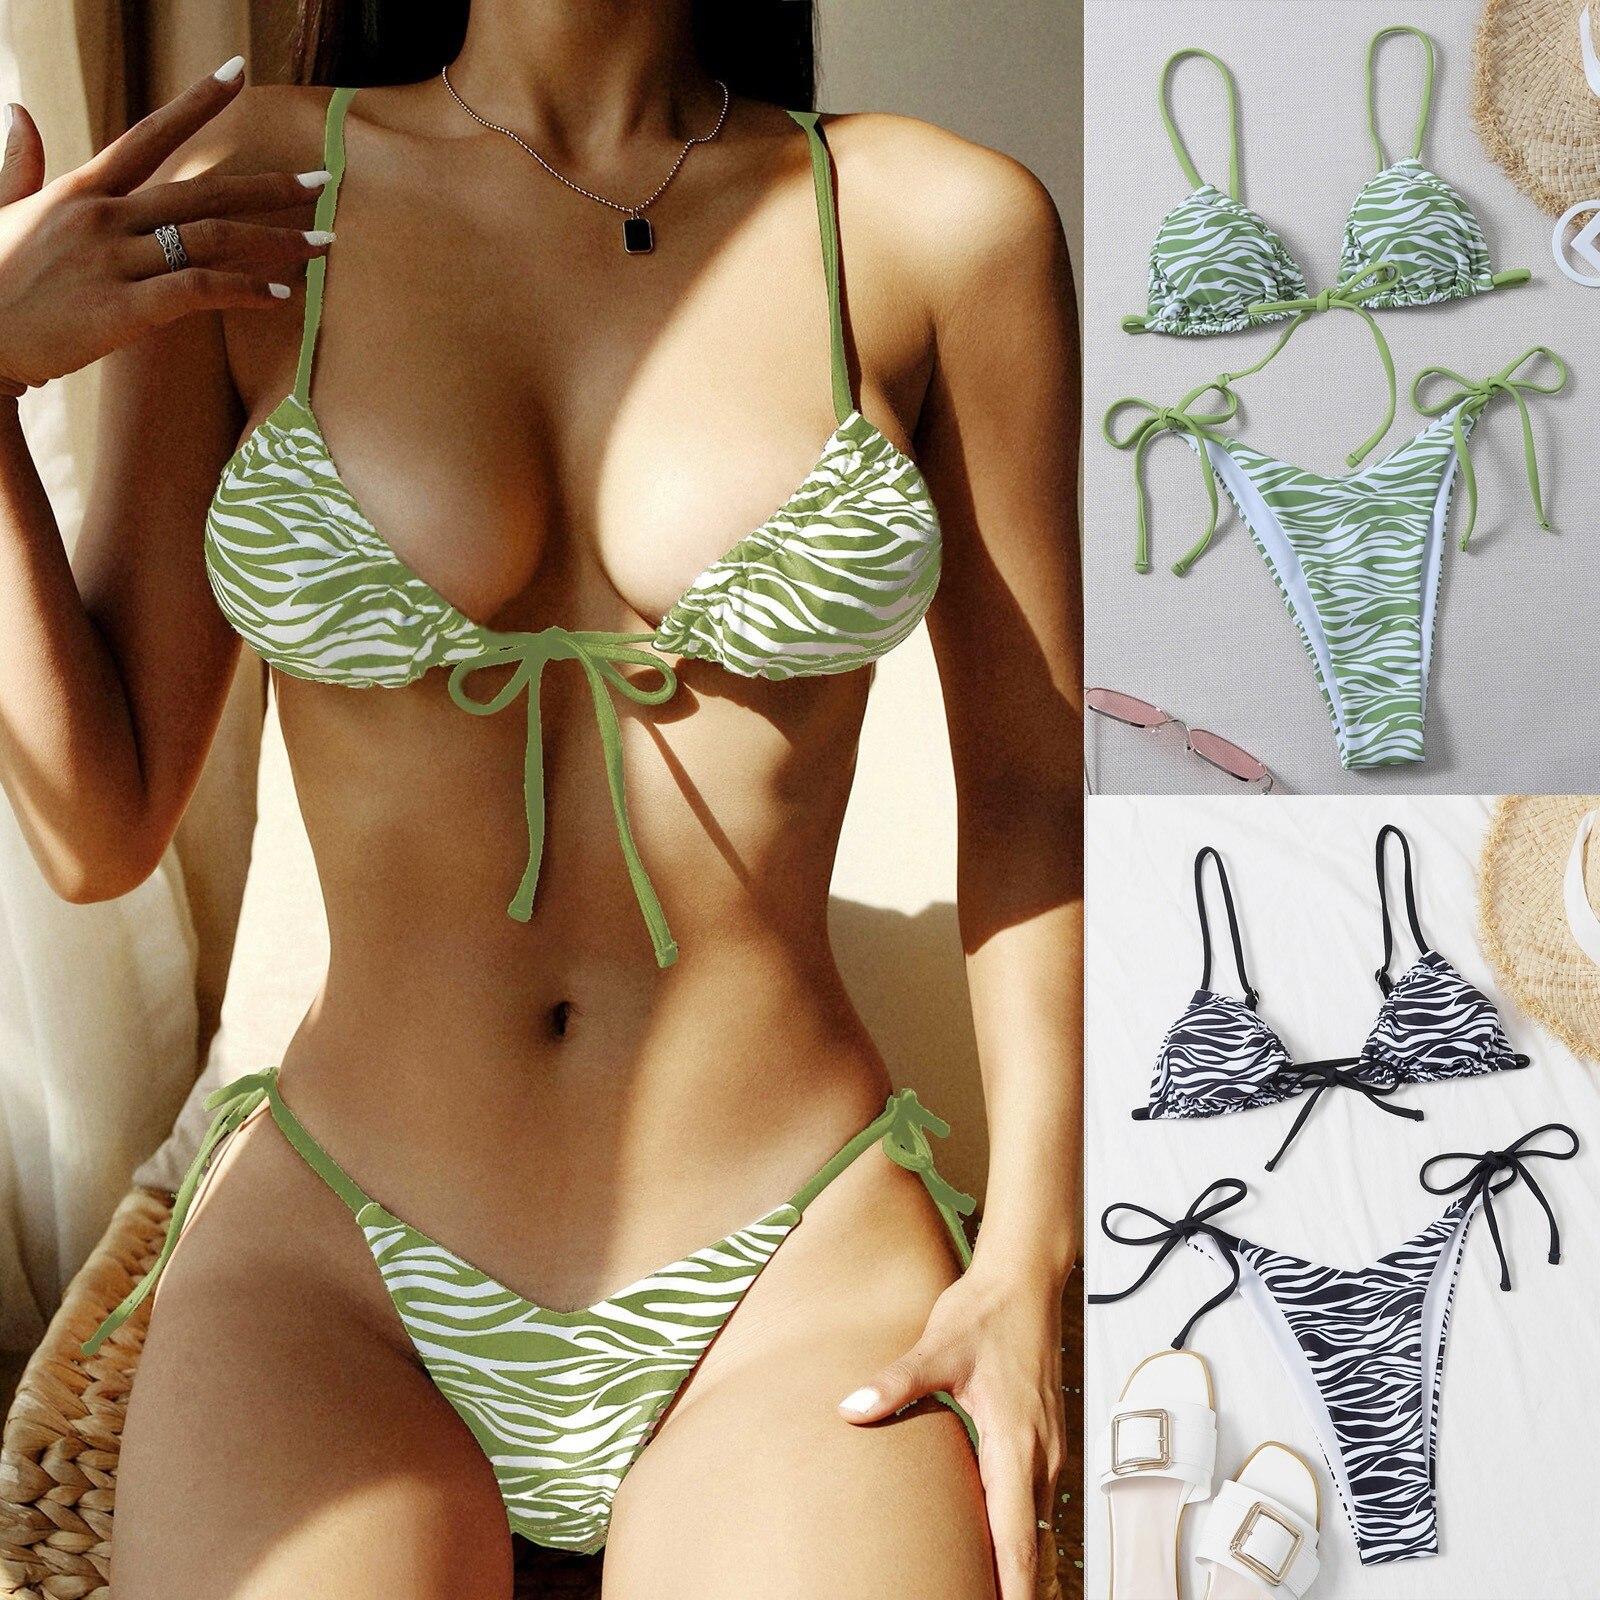 Fashion zebra print Women Fashion Print Sexy Backless Padded Bra Beach Bikini Set Swimsuit Beachwear crochet bikini Bow tie F4 burgundy sexy backless self tie bikini set